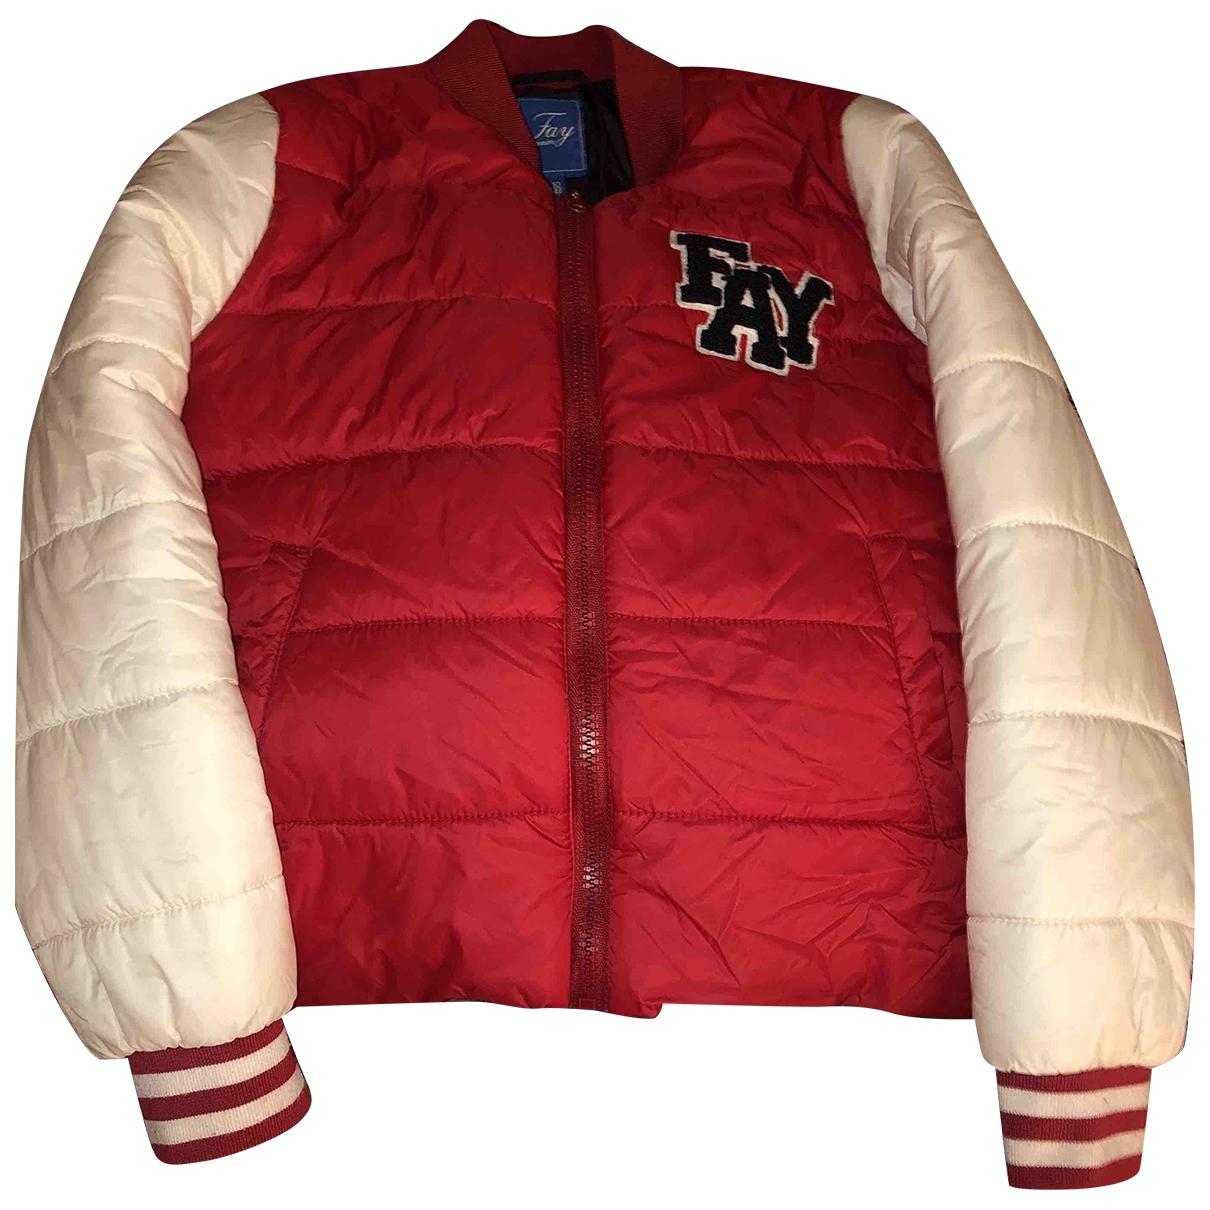 Fay - Blousons.Manteaux   pour enfant - rouge